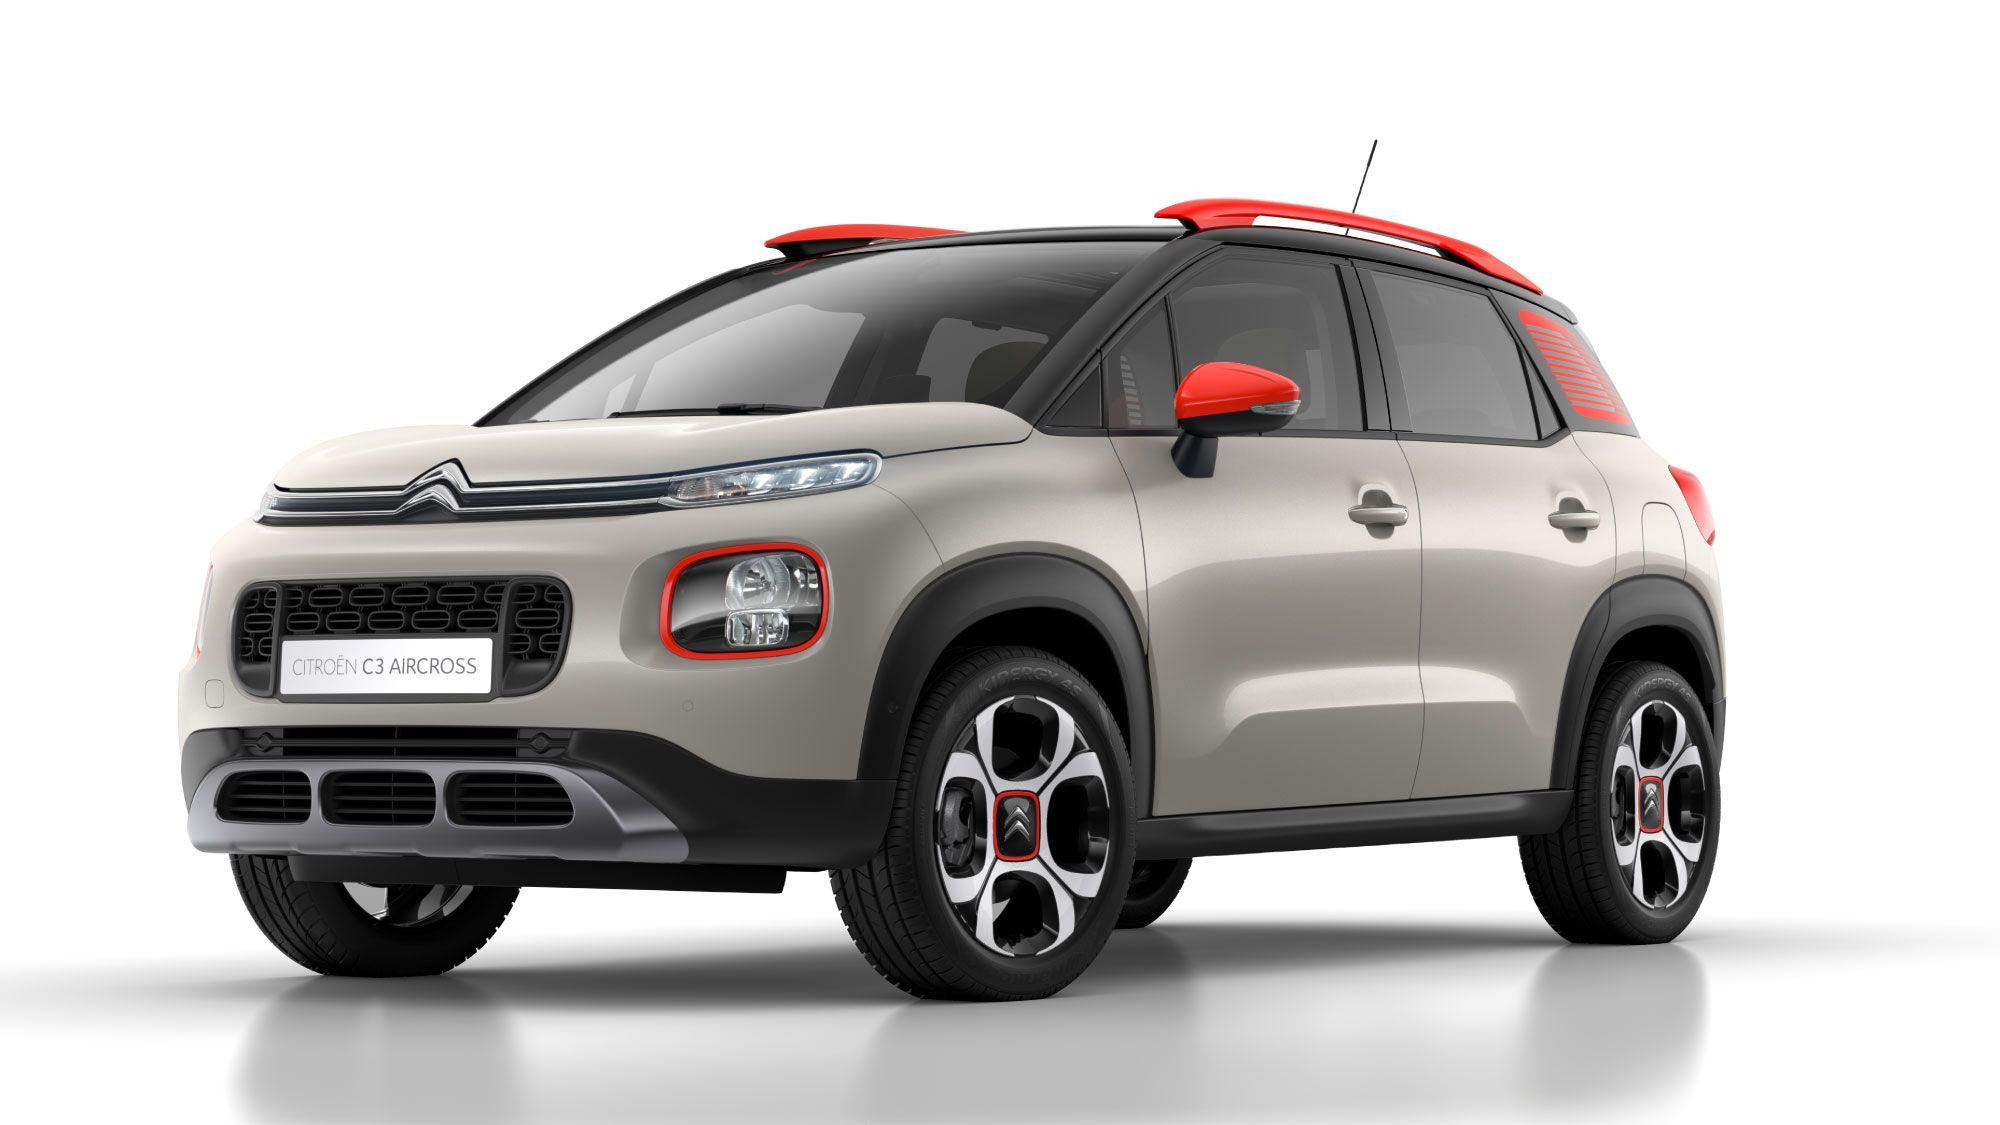 El nuevo SUV Compacto Citroën C3 Aircross, finalista del Premio Autobest 2018